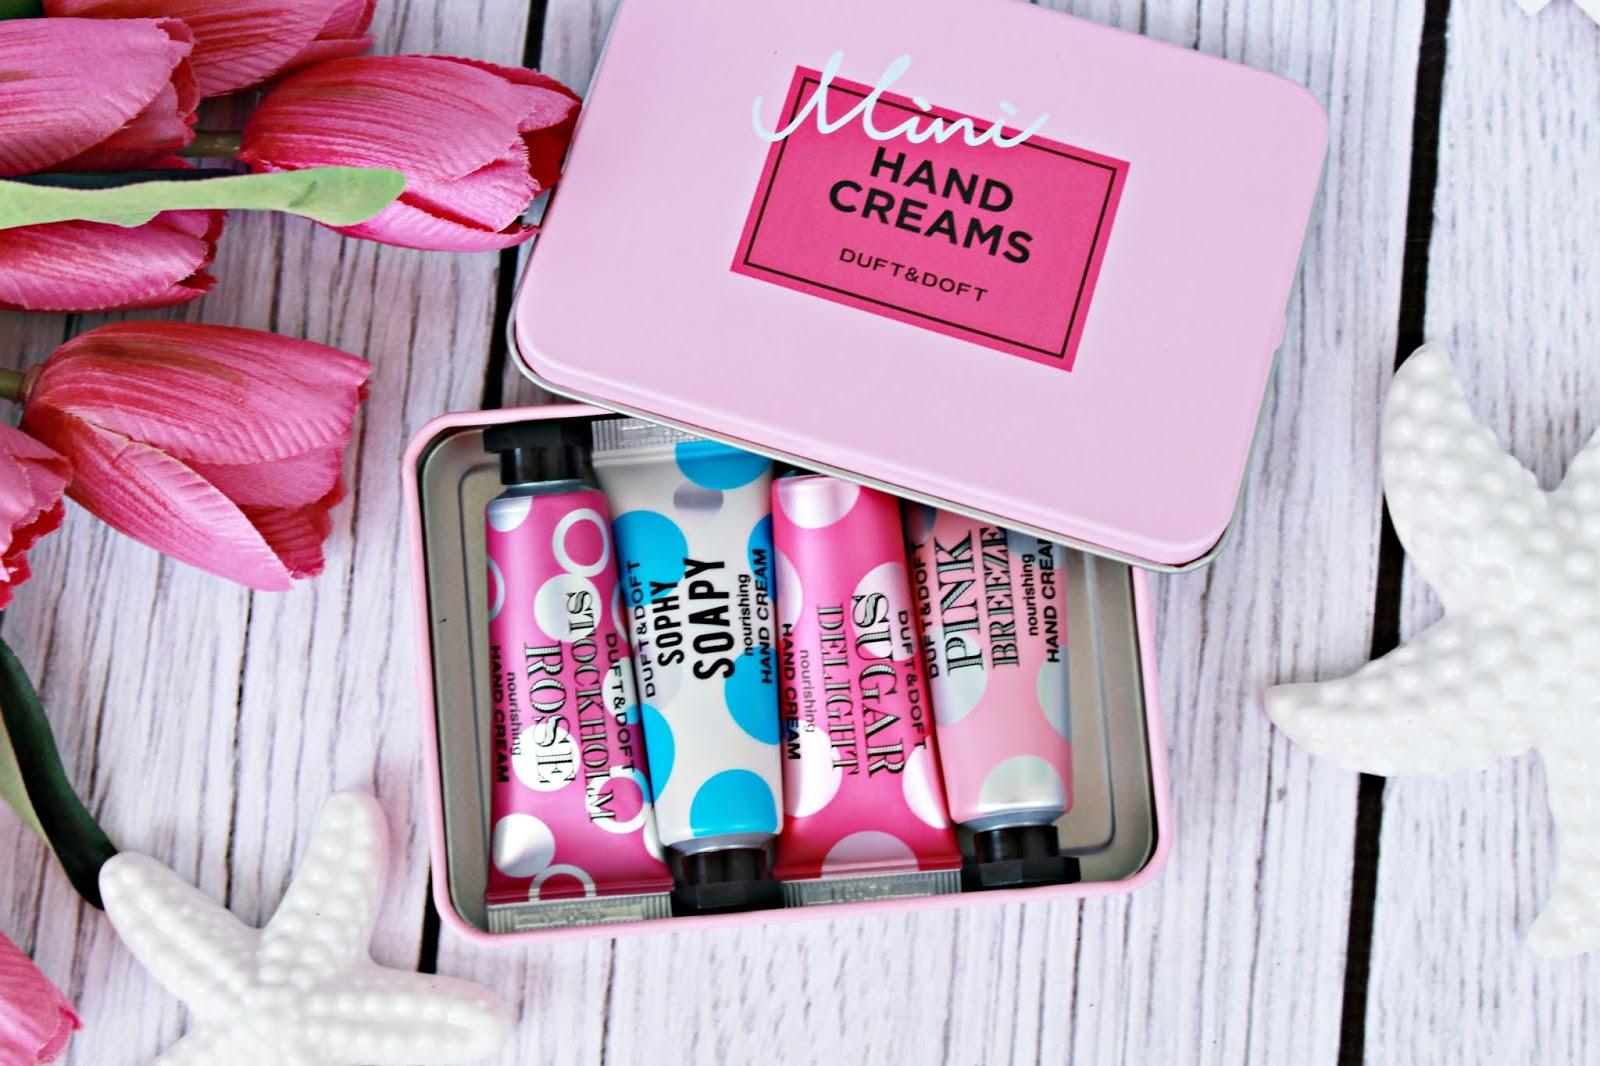 Koreański Hit sprzedaży! Kremy do rąk Mini Hand Creams Duft & Doft